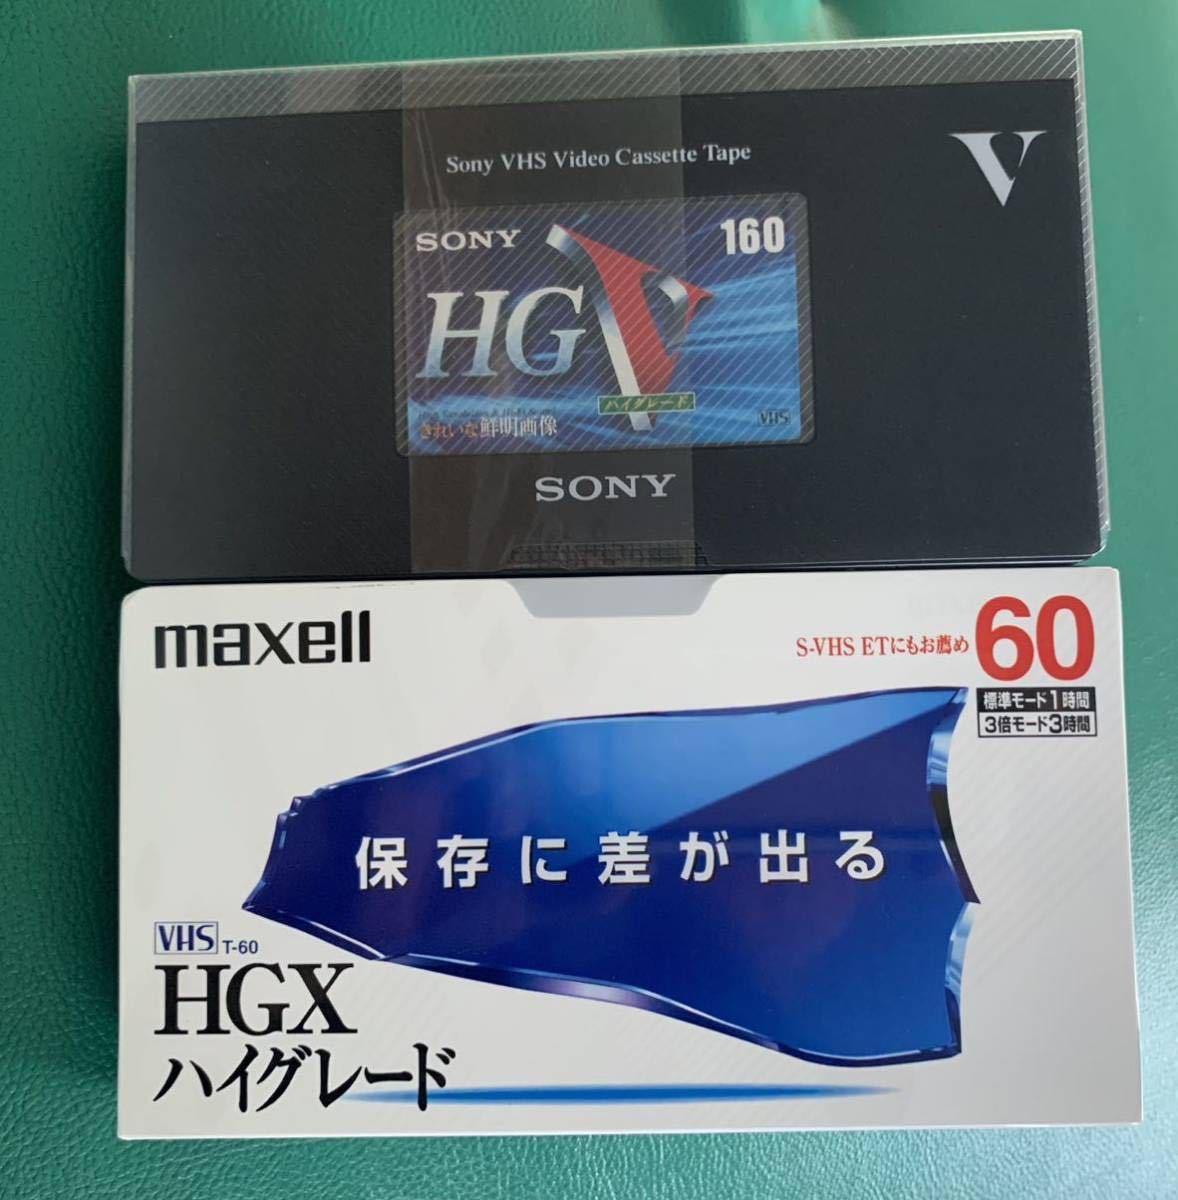 SONY とmaxell の未使用のVHSビデオテープ2本